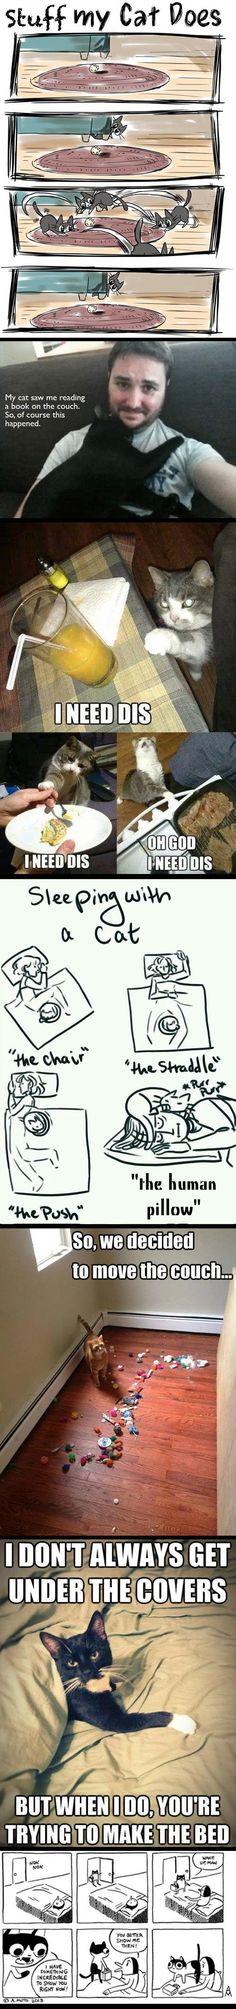 cats man.... cats